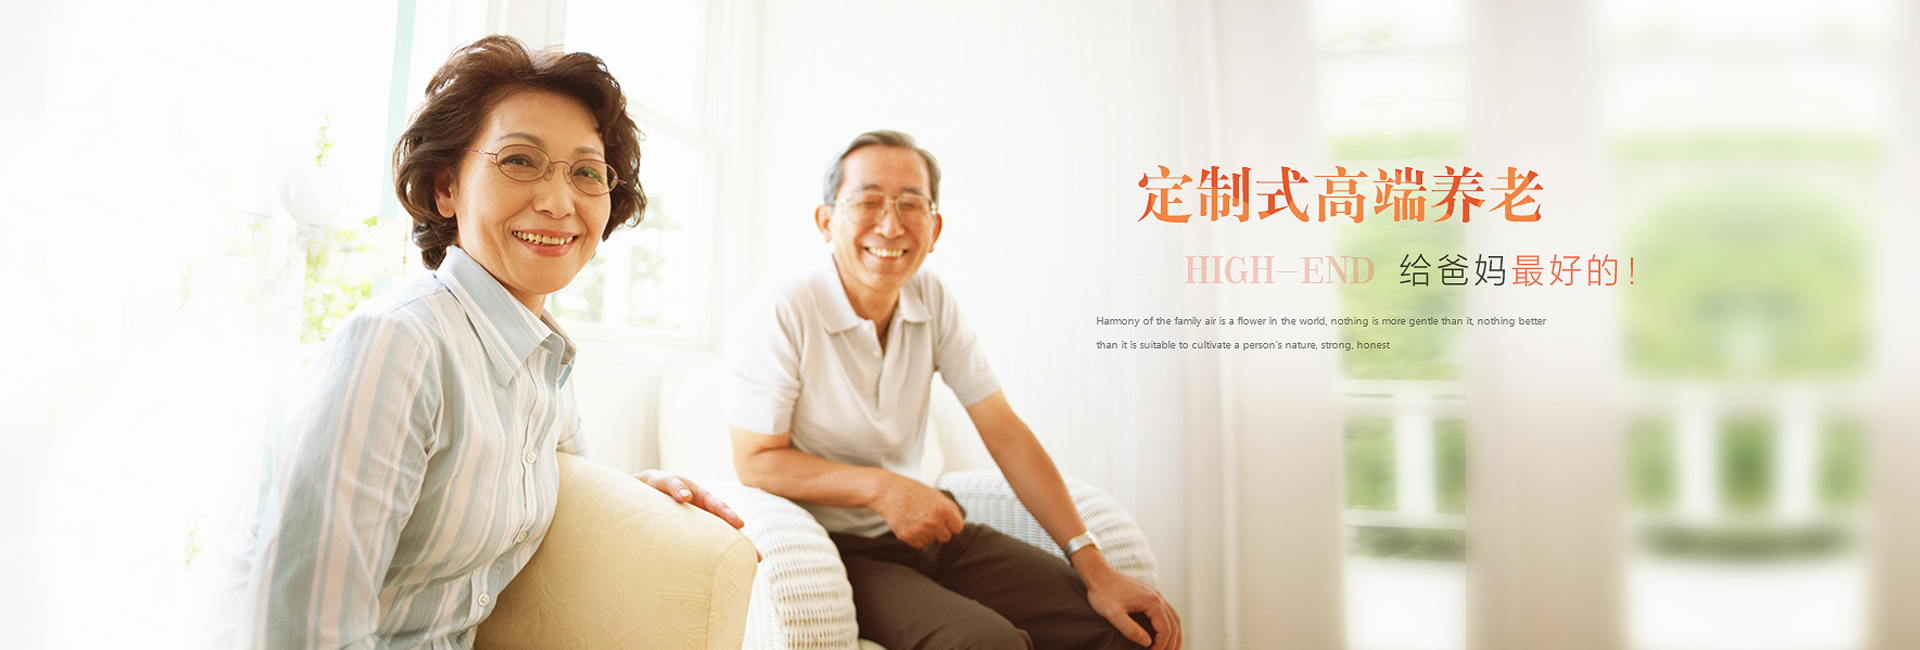 桂林养老院提醒老年人要注意保健